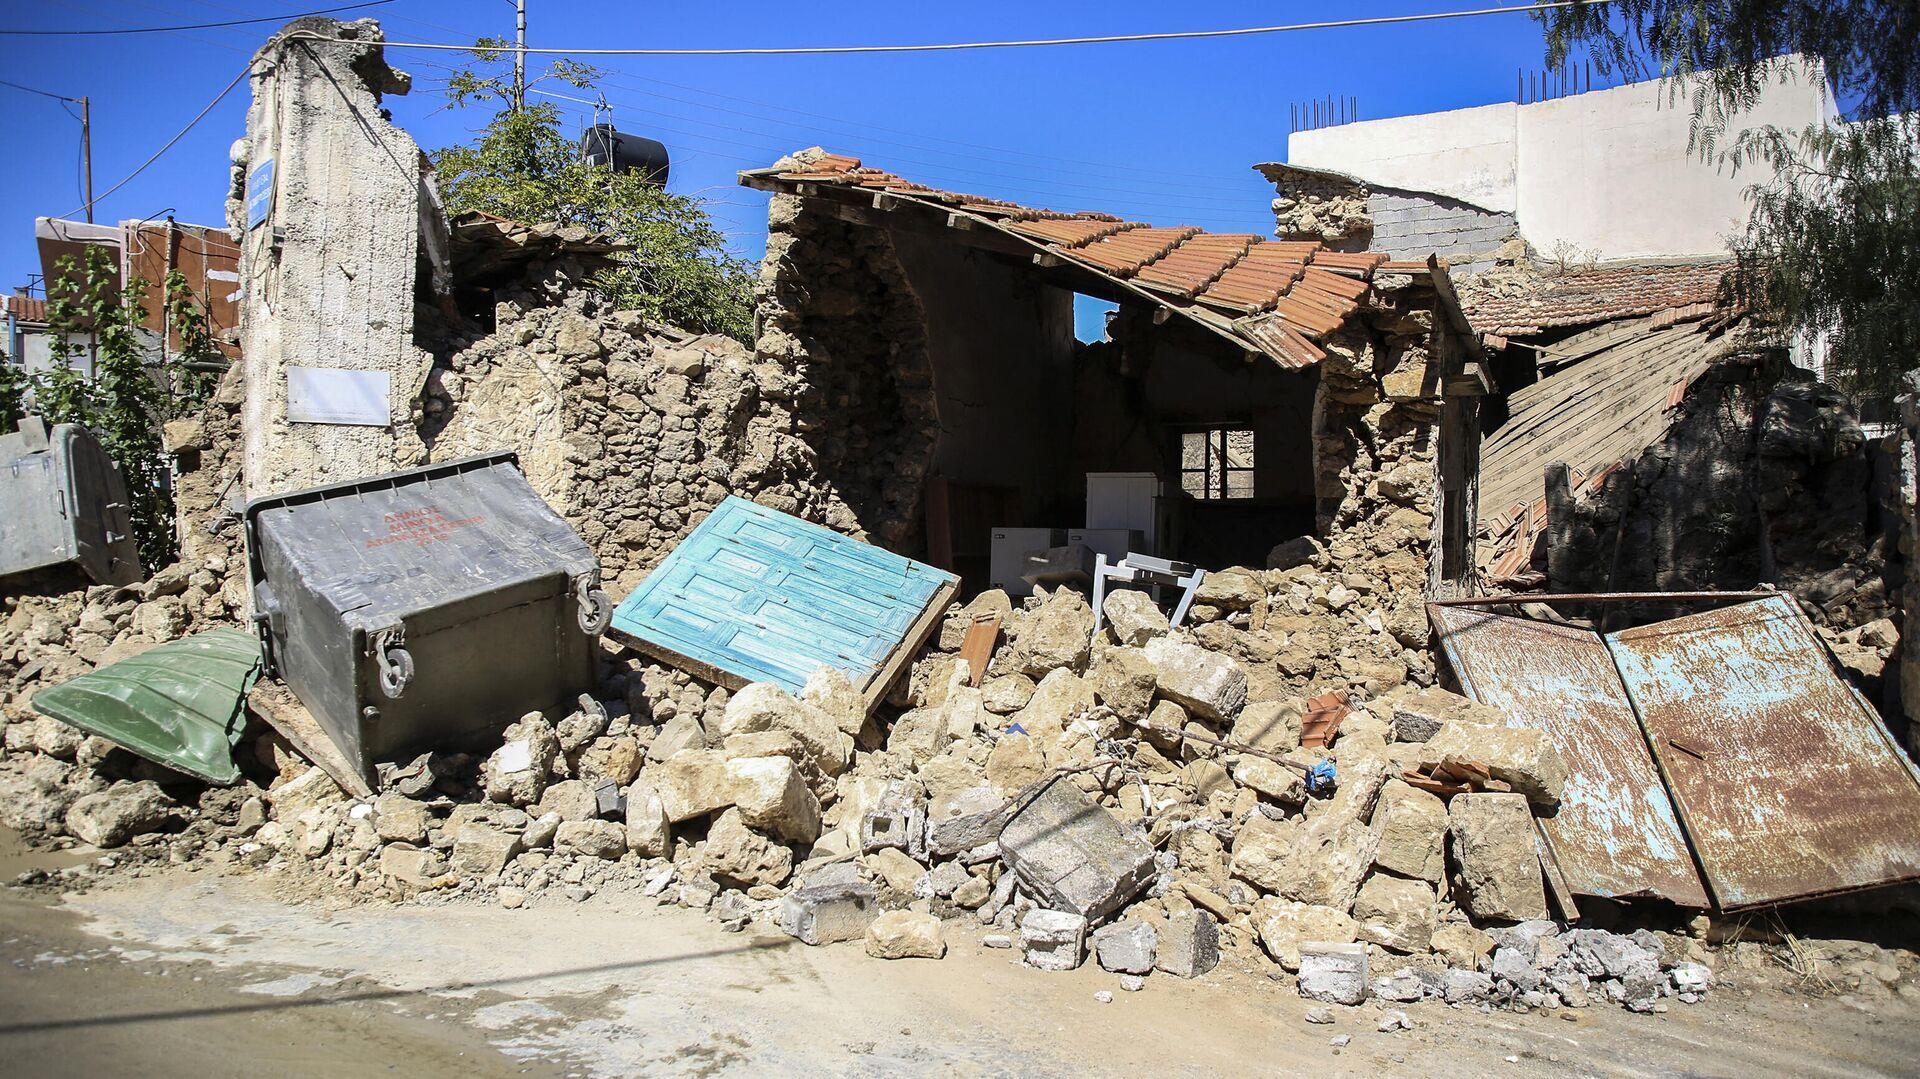 Σεισμός 5,8 Ρίχτερ στην Κρήτη - Sputnik Ελλάδα, 1920, 29.09.2021